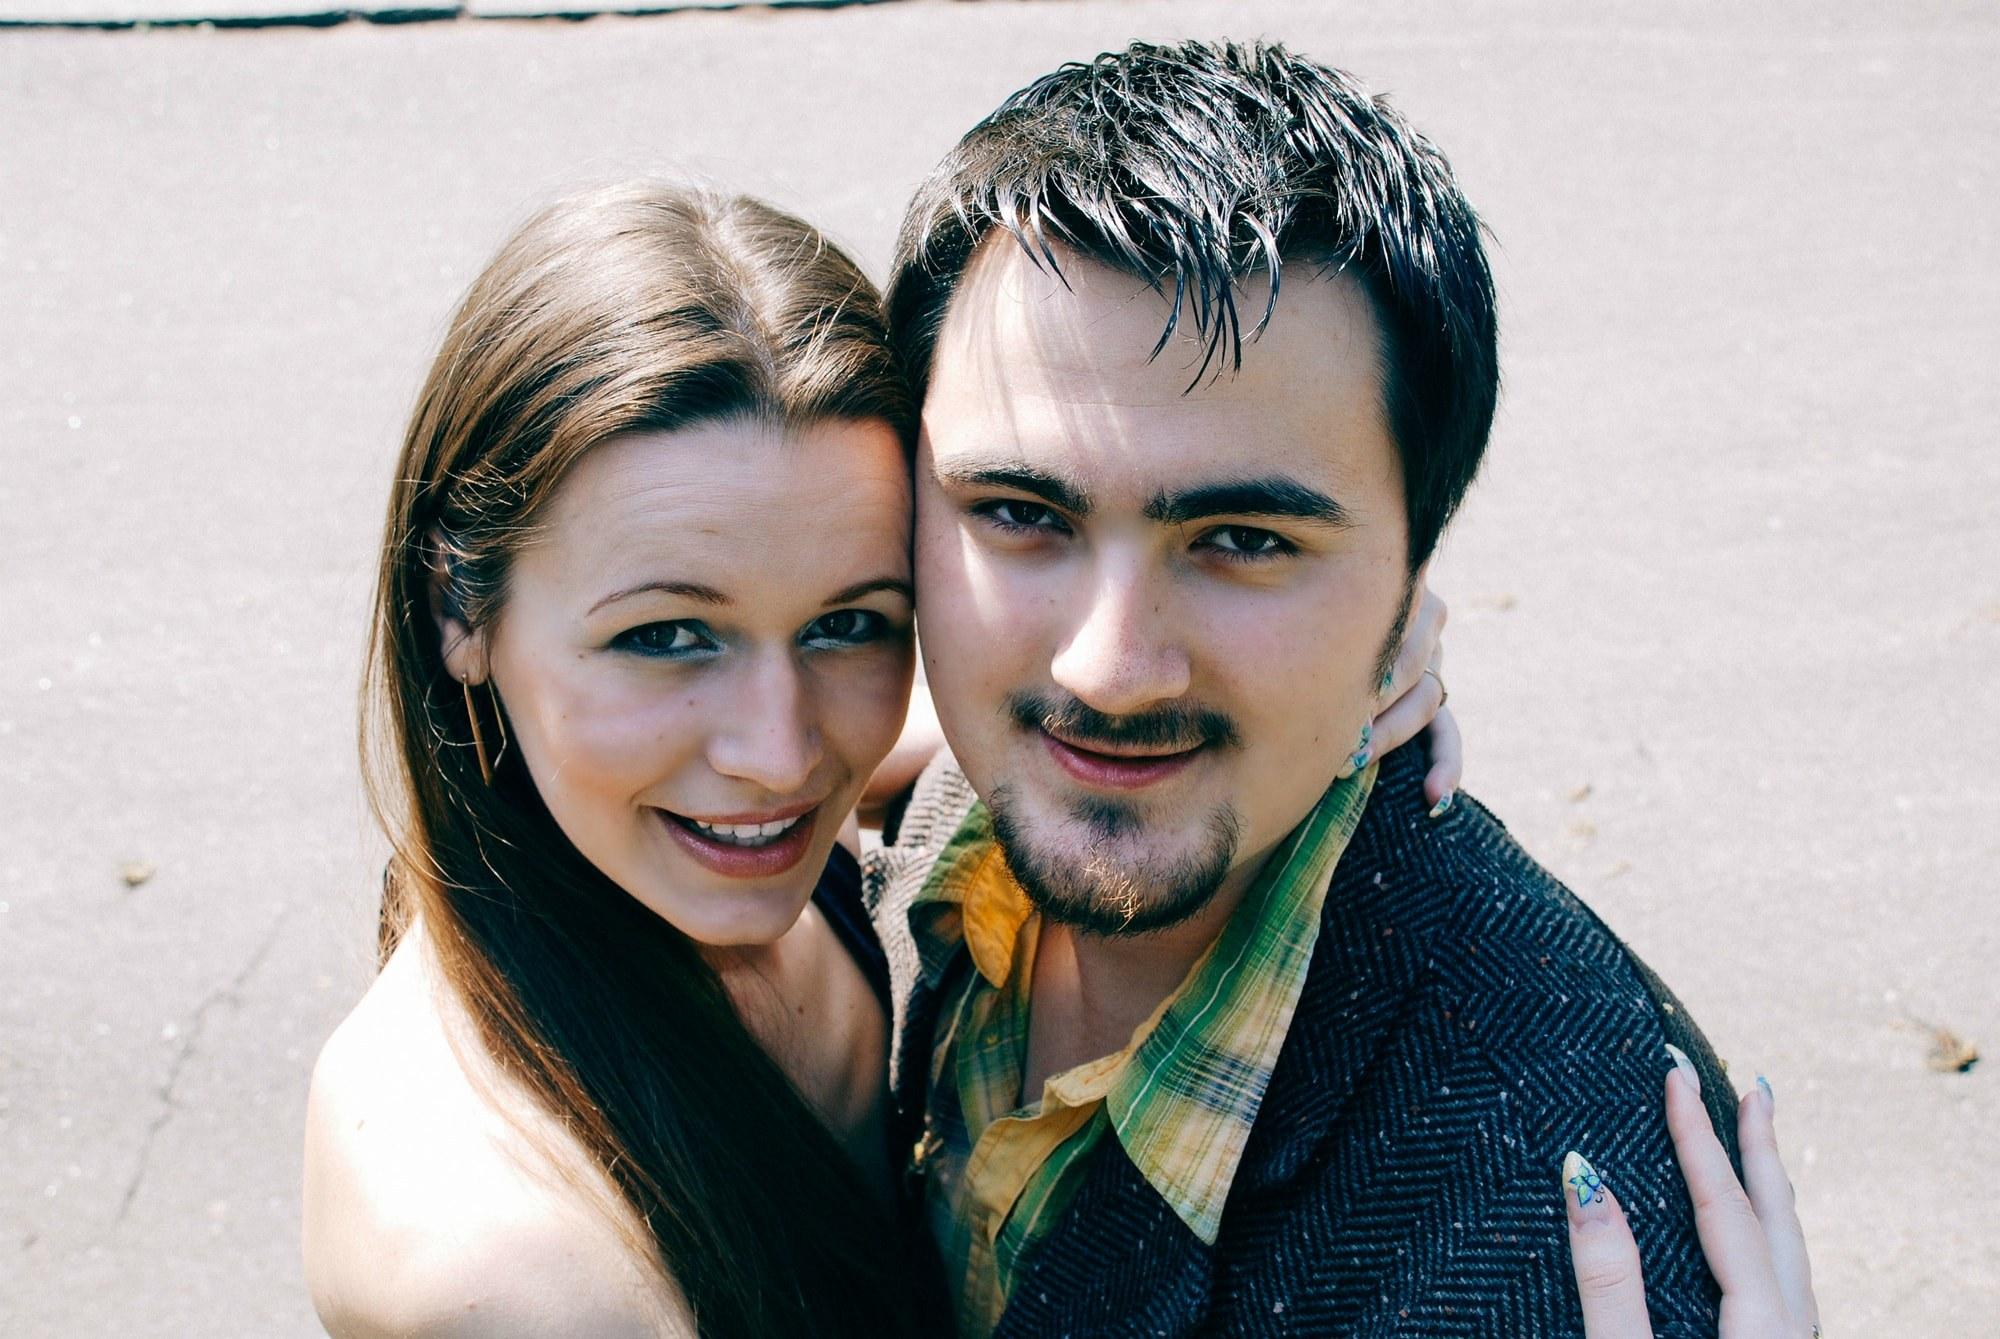 Пара на прогулке лавстори - Фотограф Киев - Женя Лайт